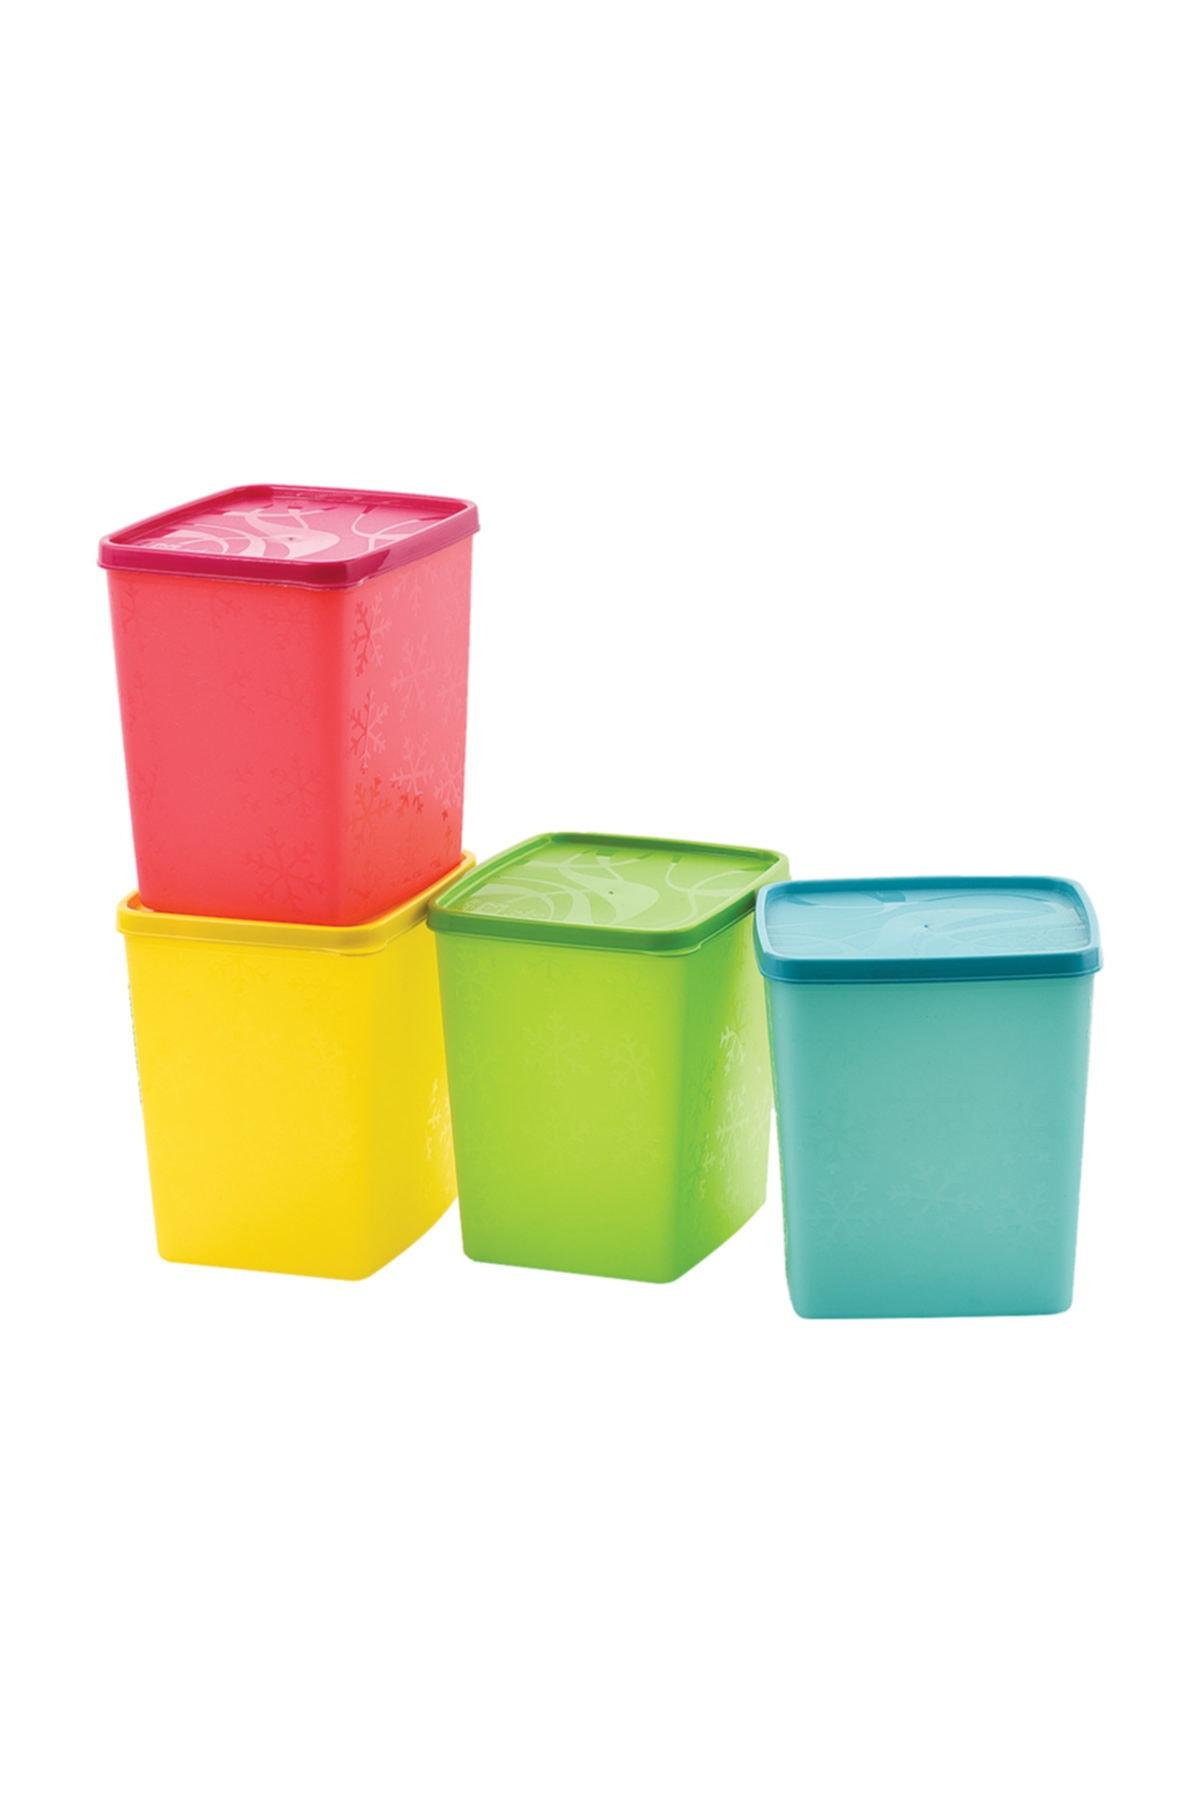 Irak Plastik Alaska Derin Dondurucu Saklama Kabı - Kare Derin ( 2 Lt )  Fiyatı, Yorumları - Trendyol